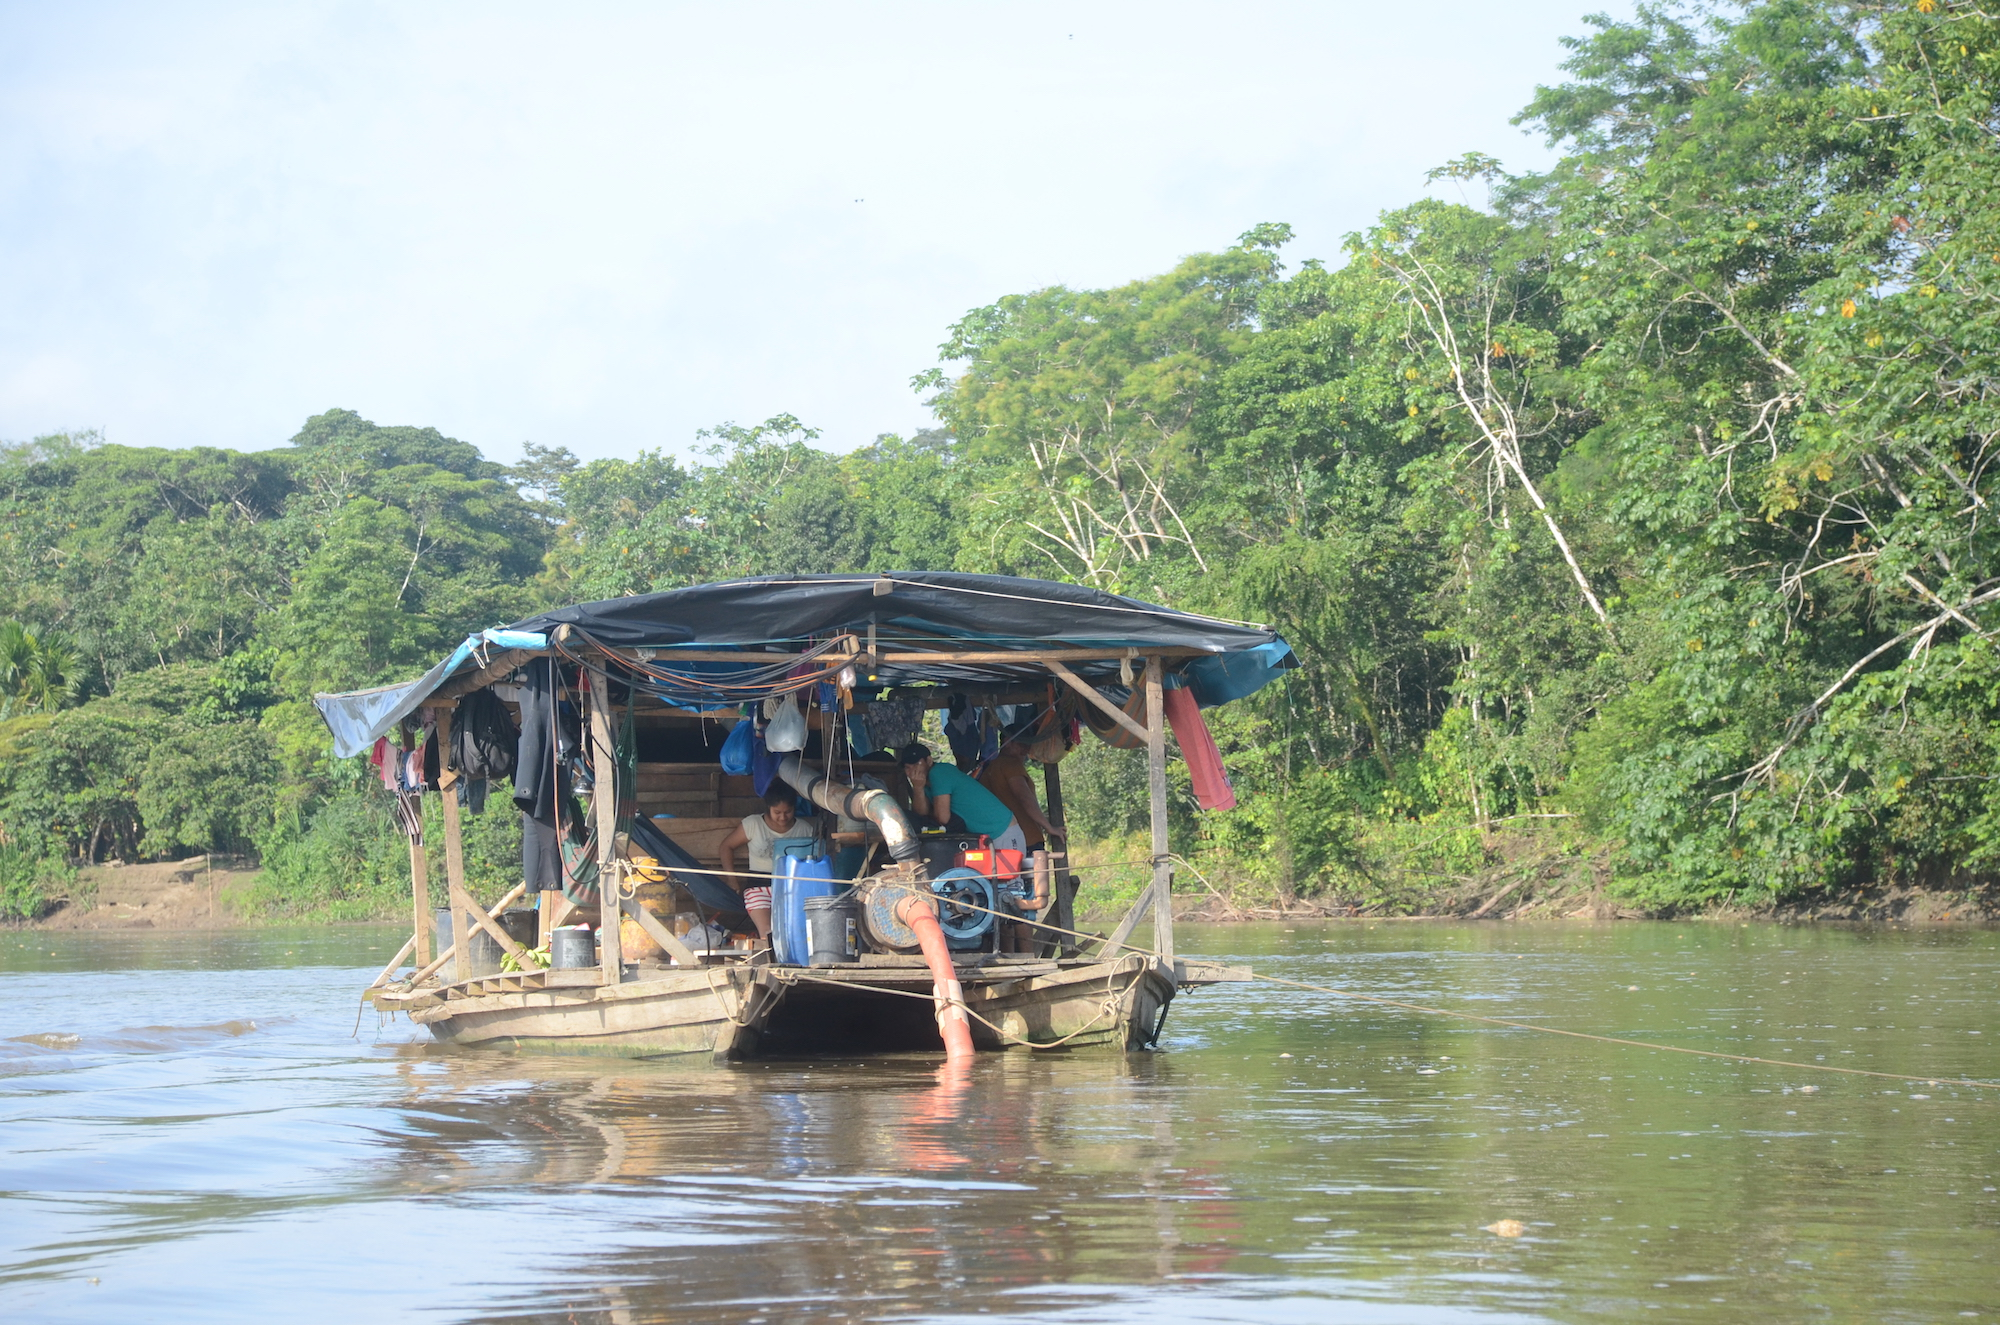 Las pequedragas, embarcaciones artesanales dedicadas a extraer oro ilegal, navegan libremente en el río Napo. Foto: Yvette Sierra Praeli para Mongabay Latam.